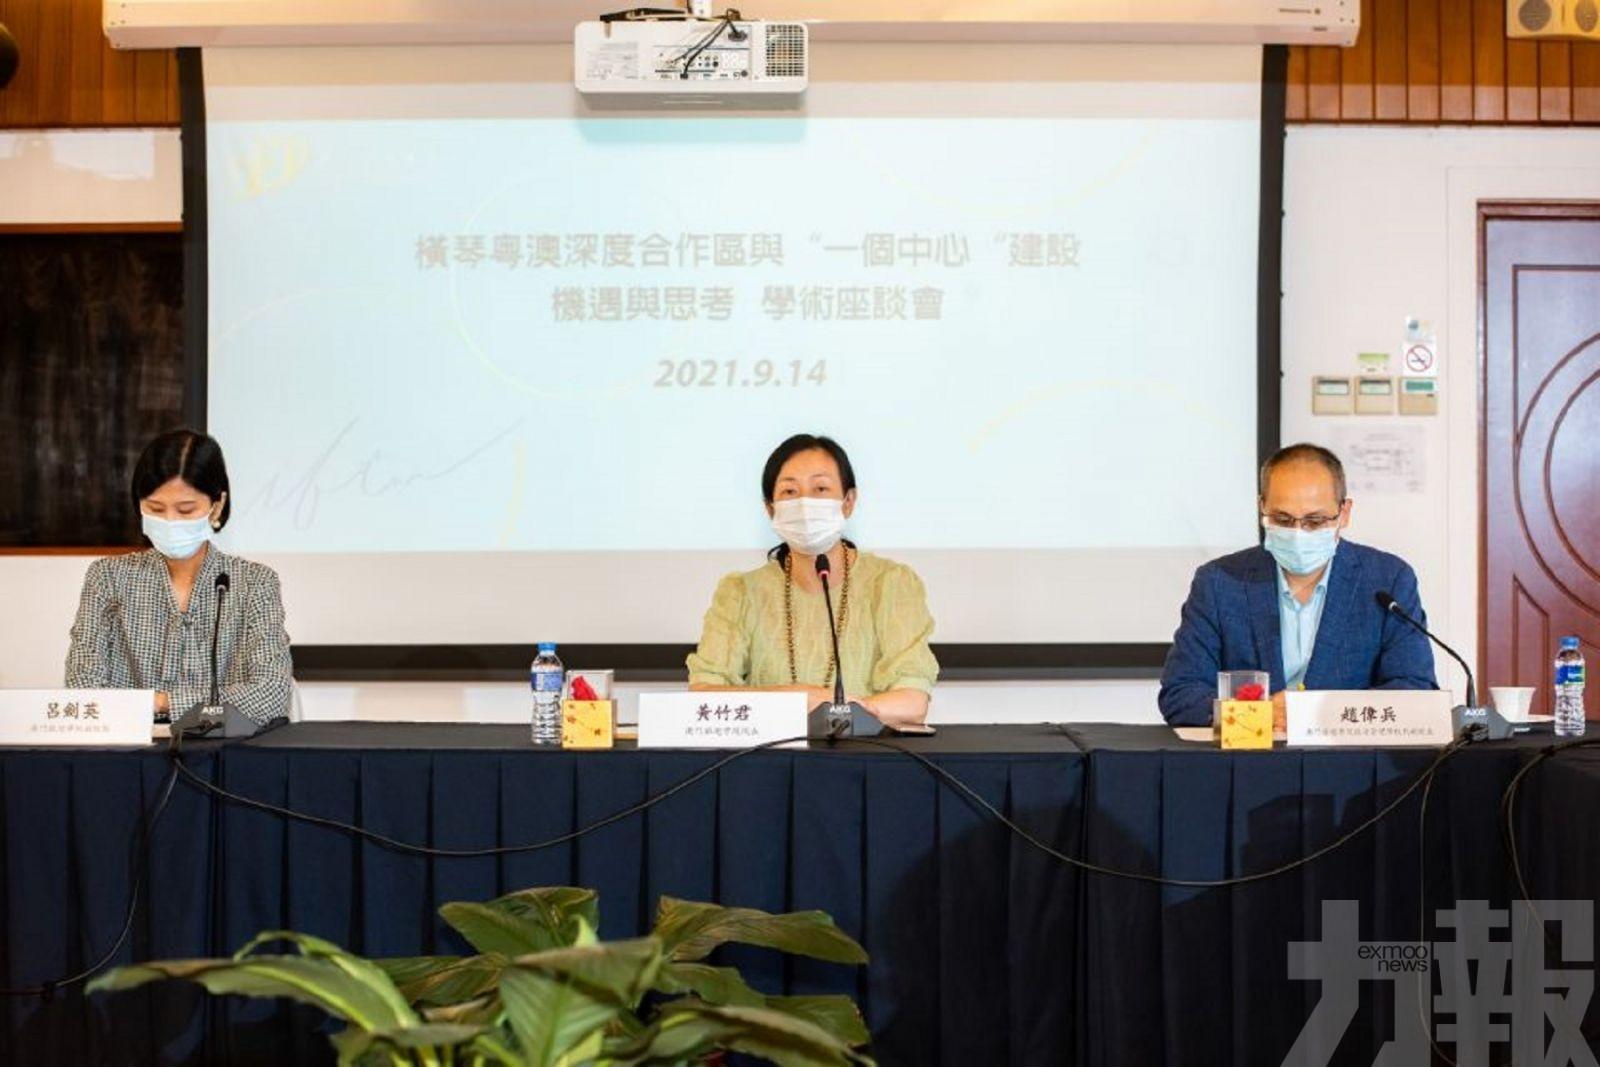 橫琴粵澳深度合作區學術座談會